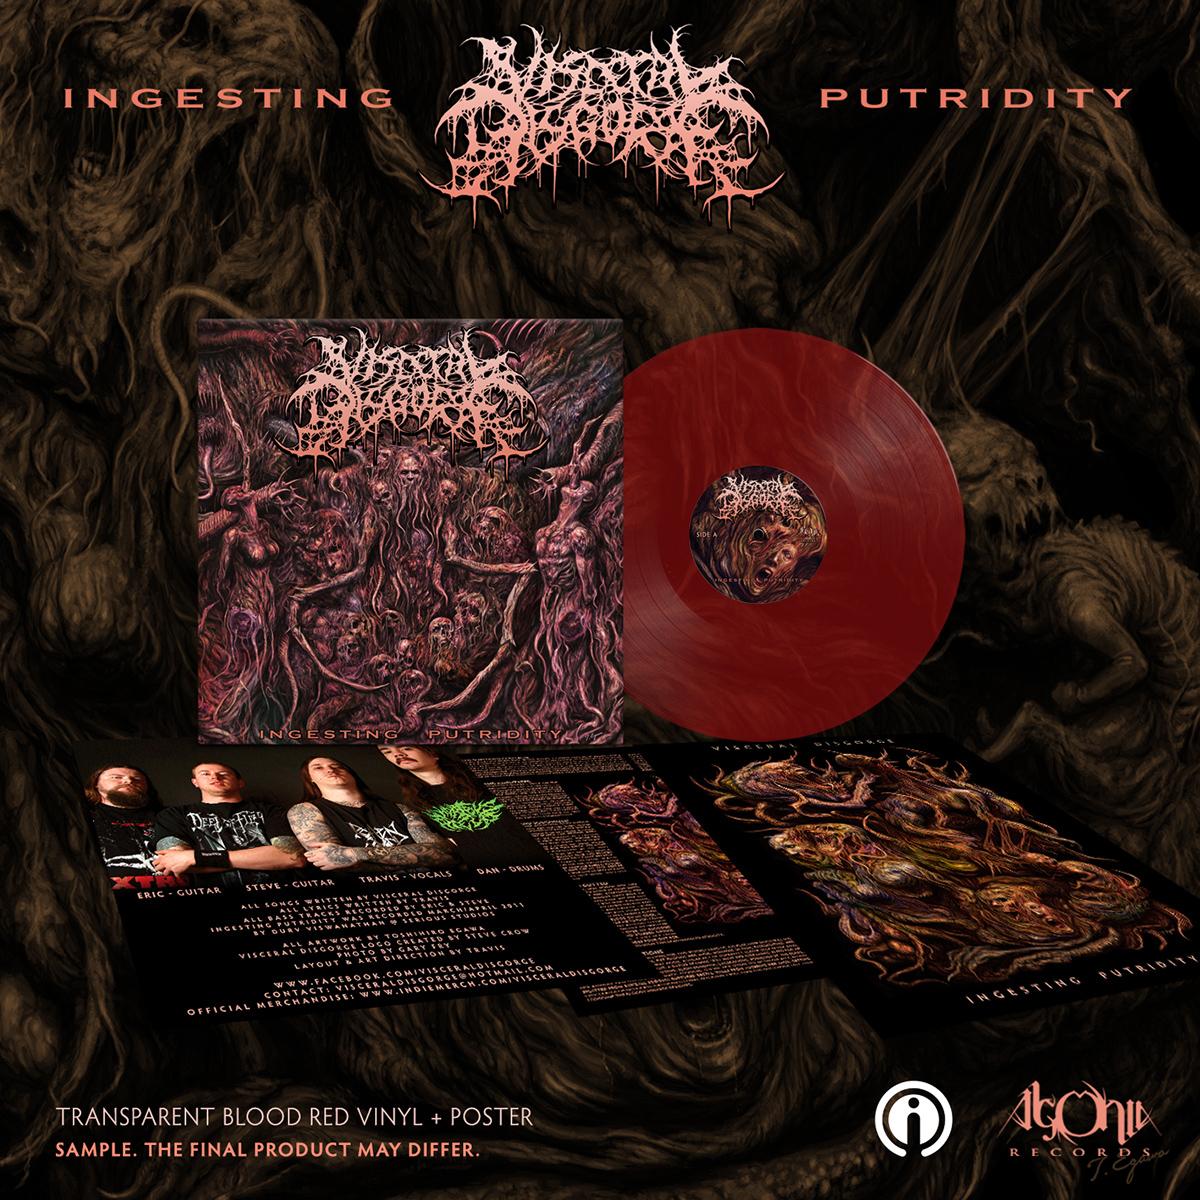 Ingesting Putridity Red Vinyl + Tee Bundle